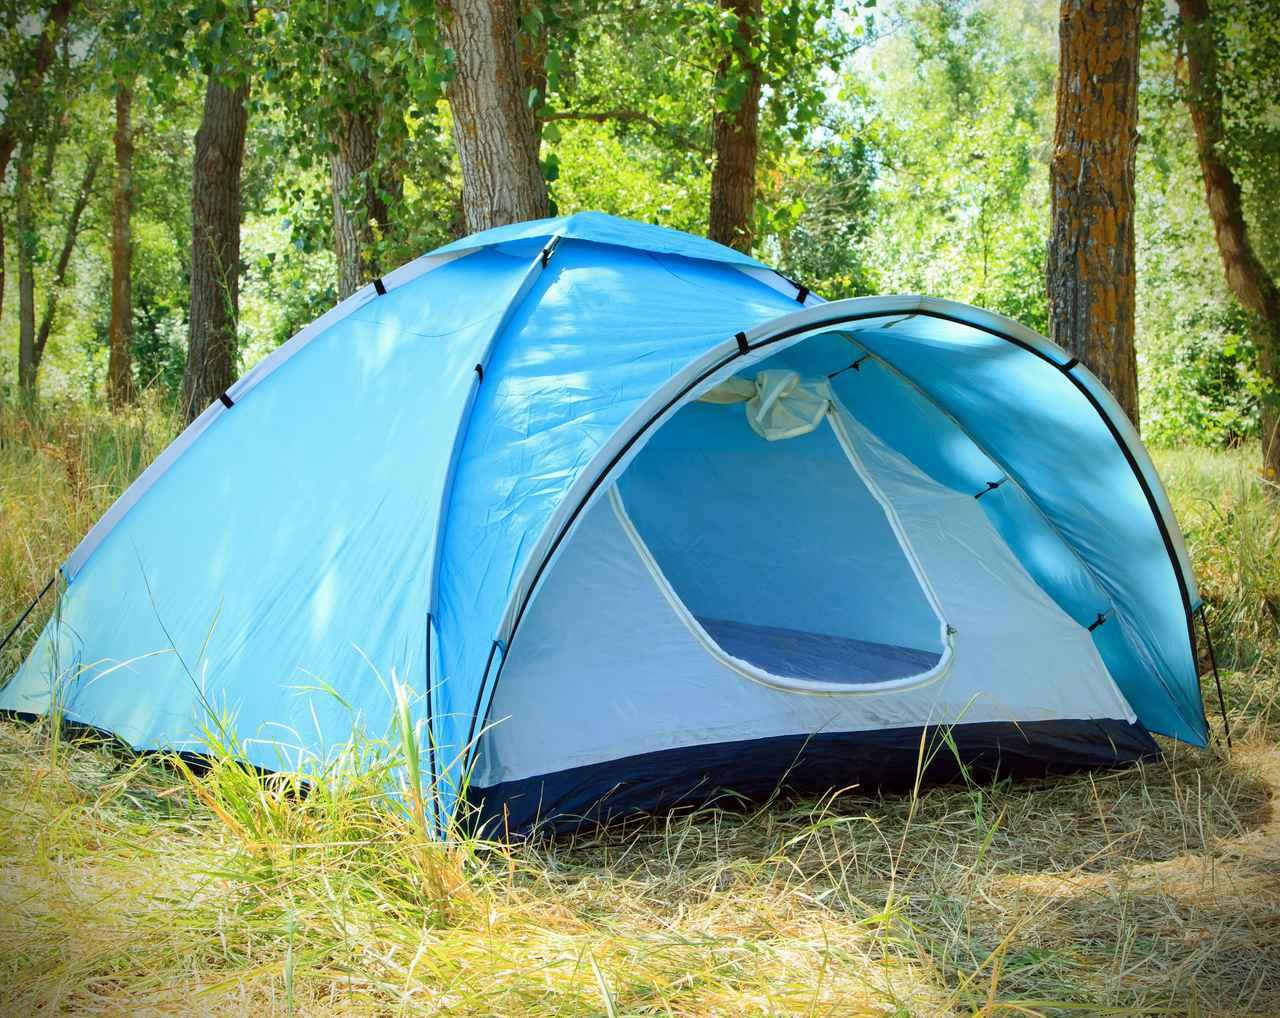 画像: 【選び方のポイント】ワンタッチテント・ポップアップなどの簡易テントを選ぶ際のポイントは4つ!